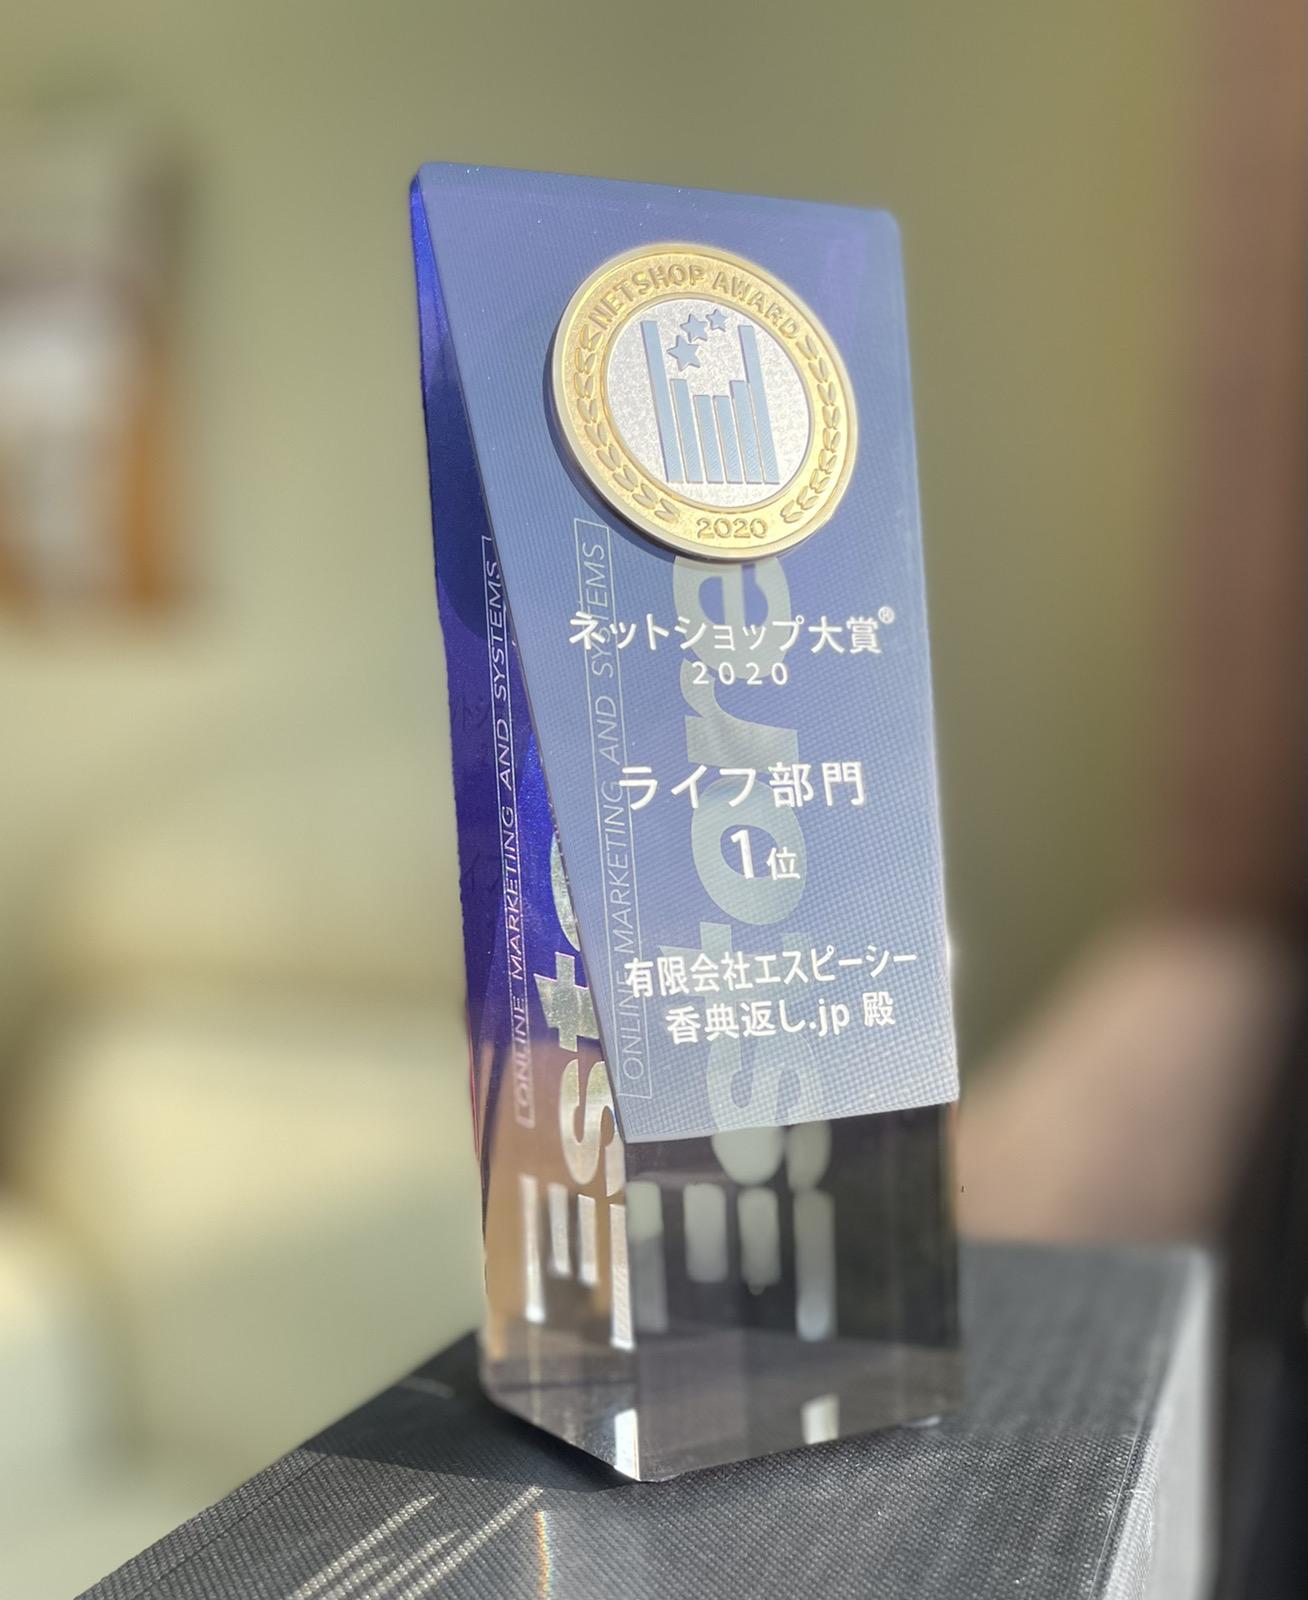 ネットショップ大賞2020